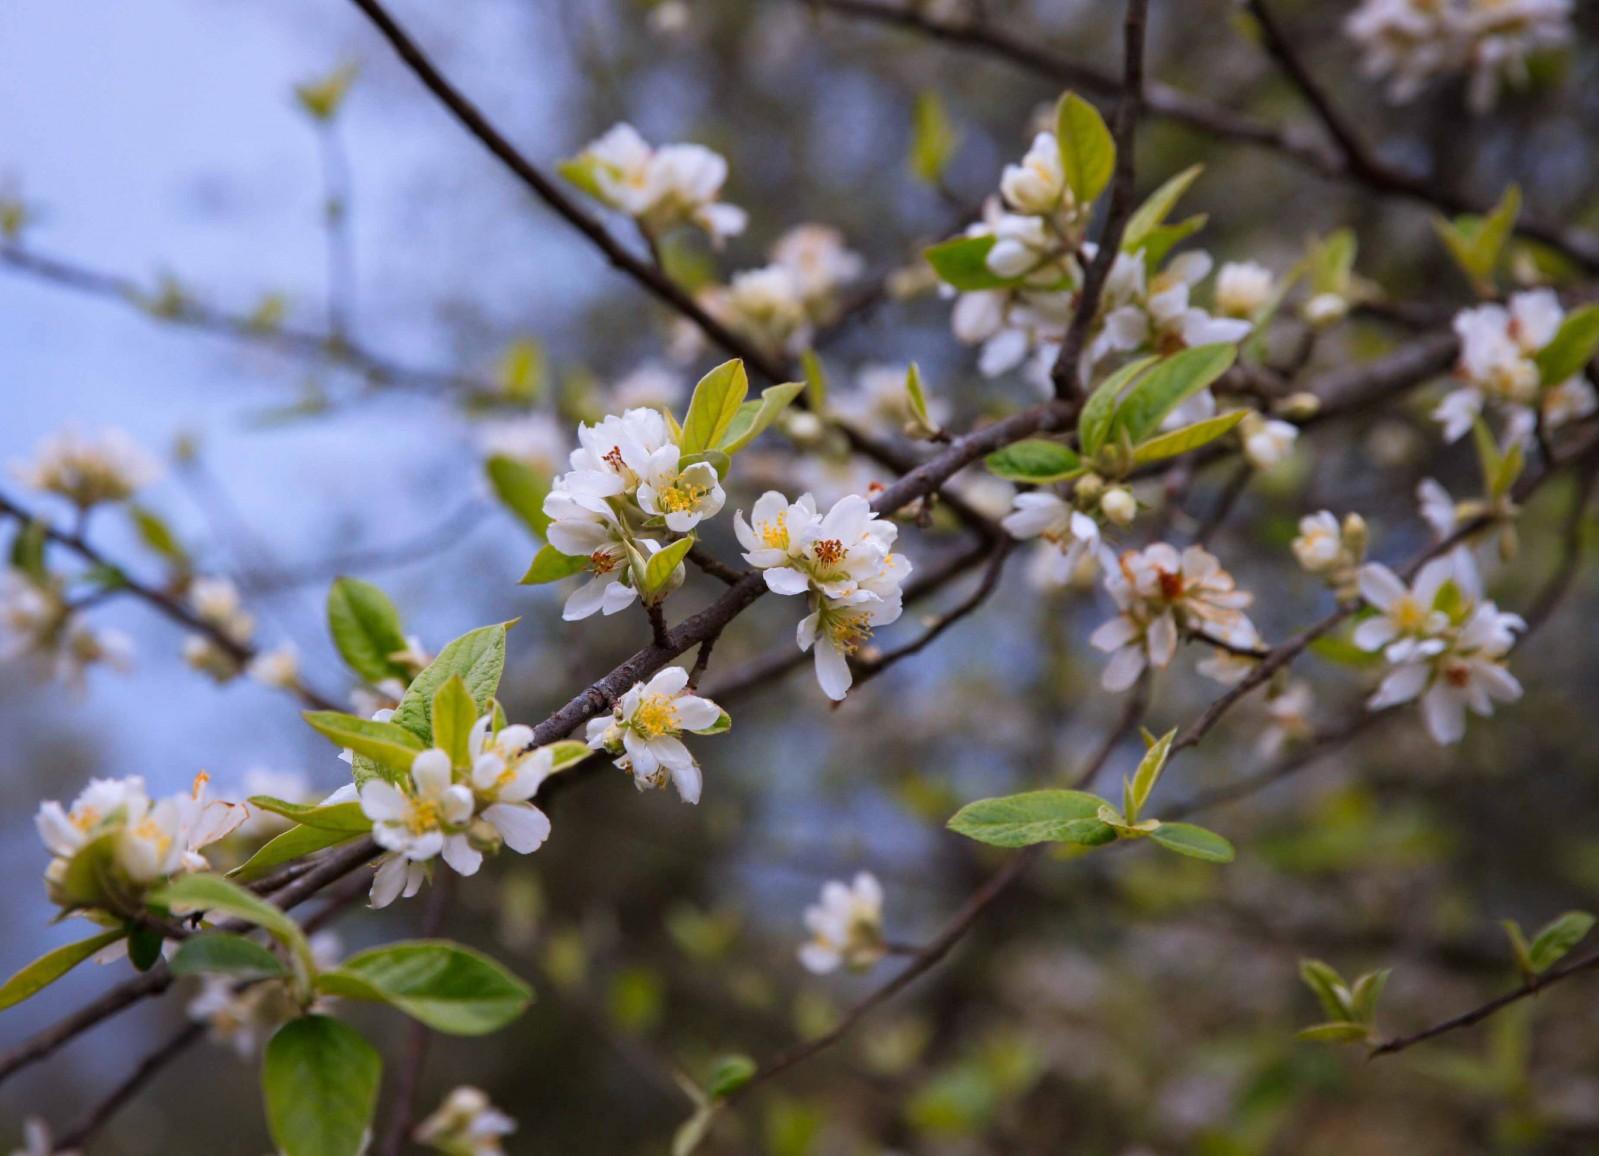 Những chùm hoa táo mèo trắng tinh khôi gồm 3-5 bông chụm lại, nở bung trên những thân cành khẳng khiu.